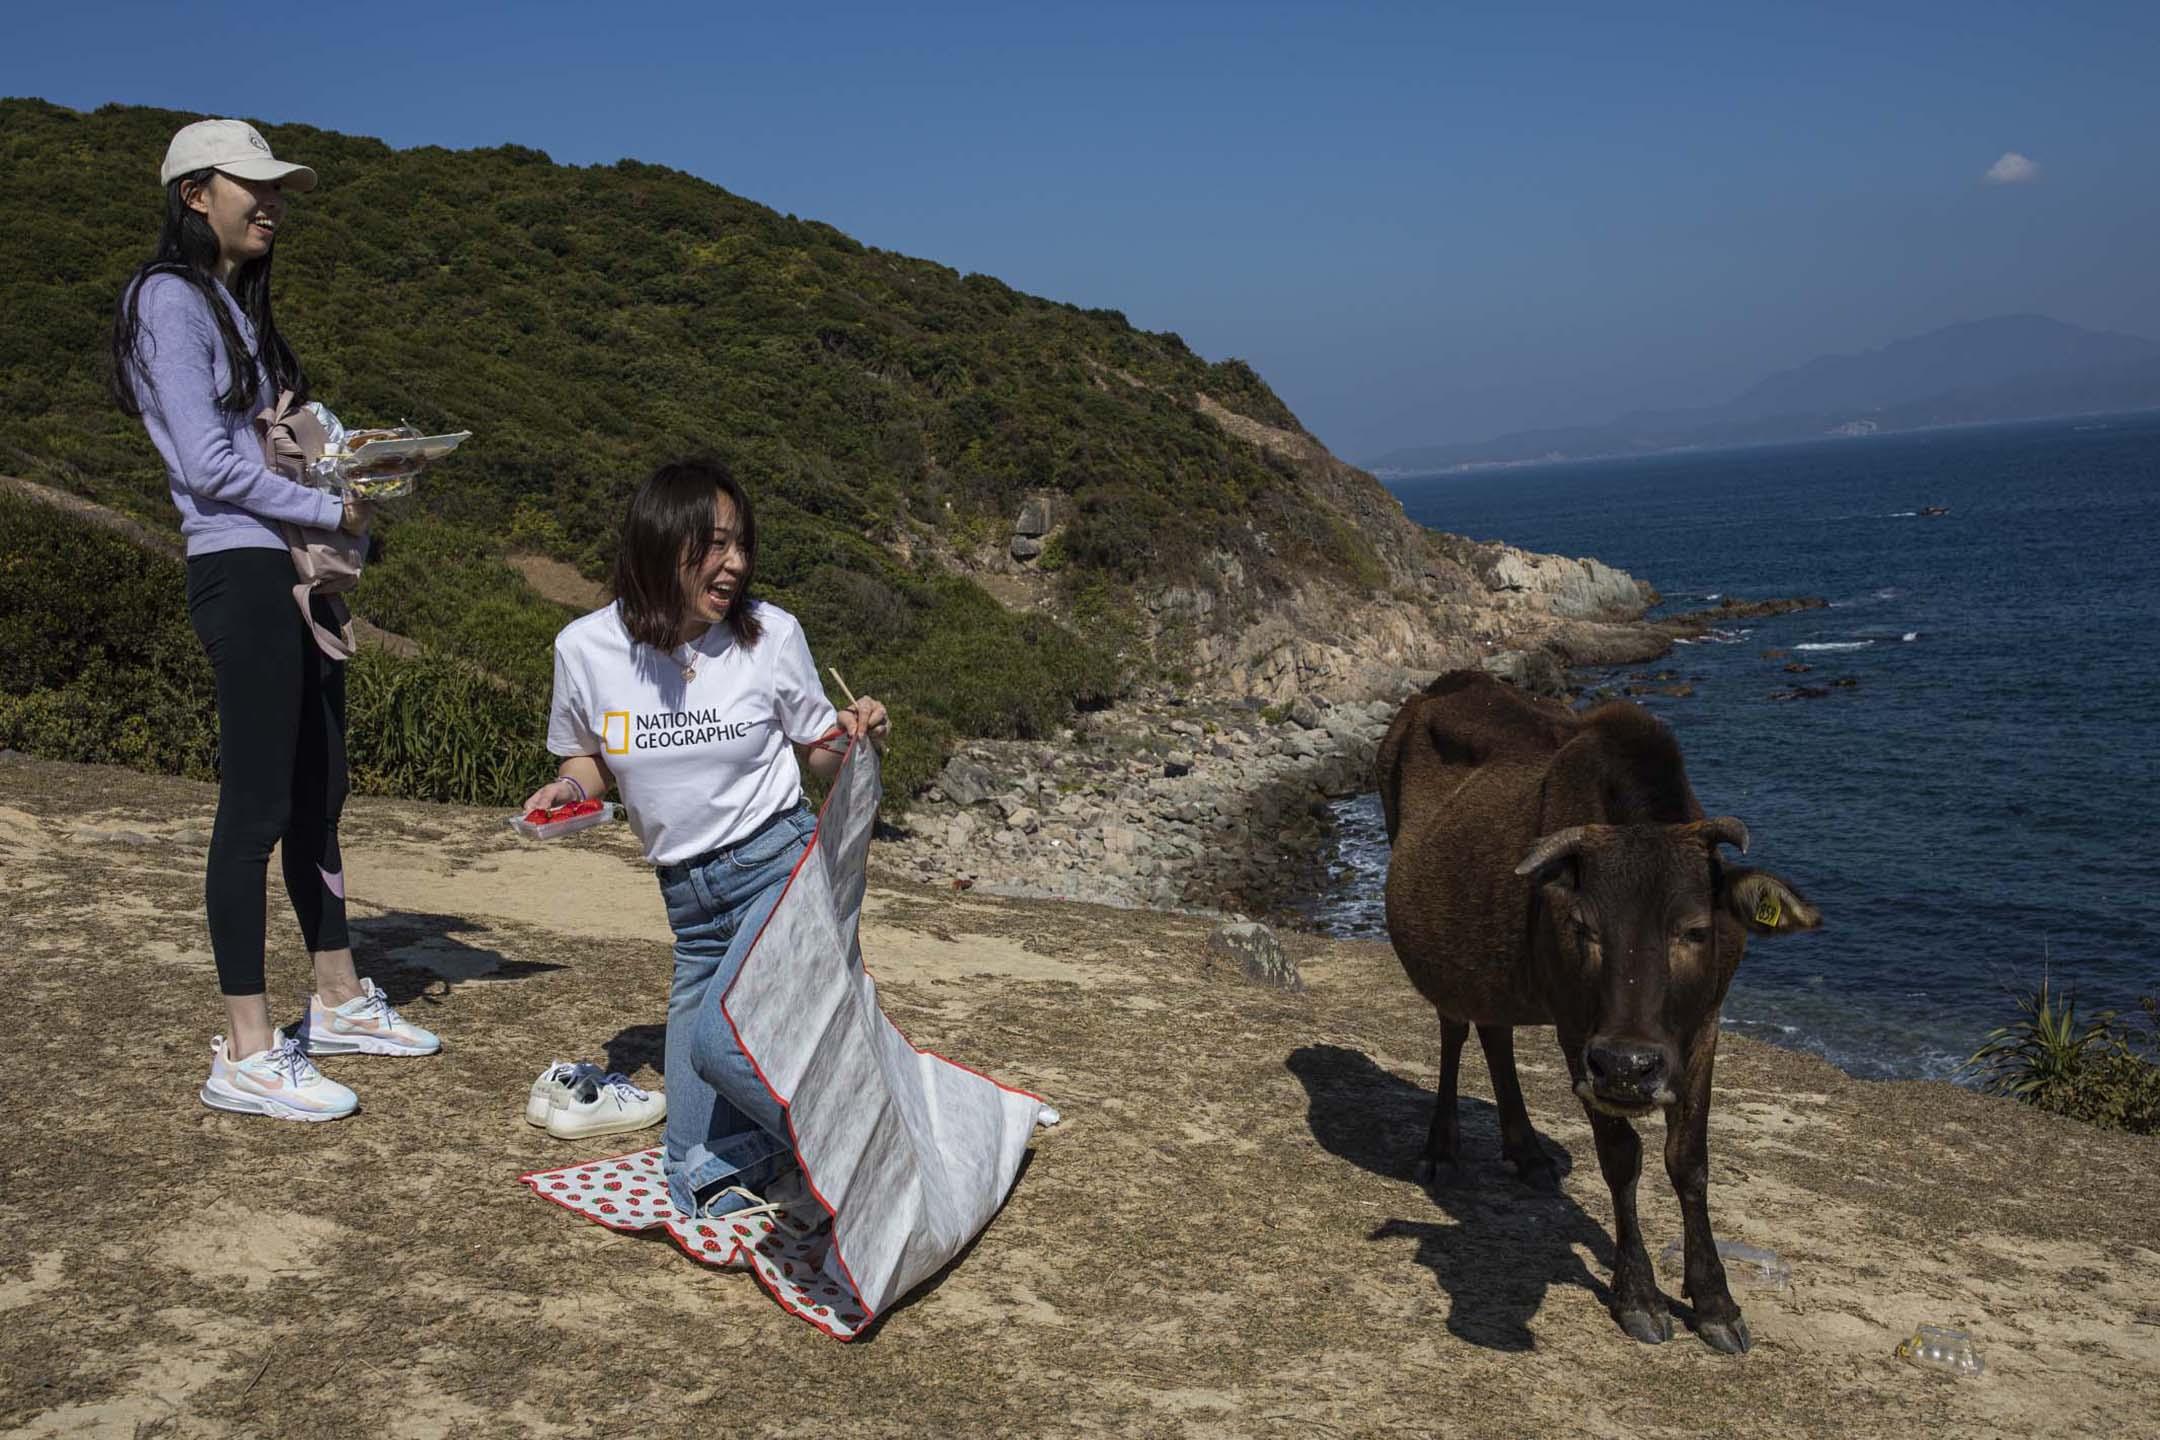 塔門島上的牛靠近吃東西遊客。